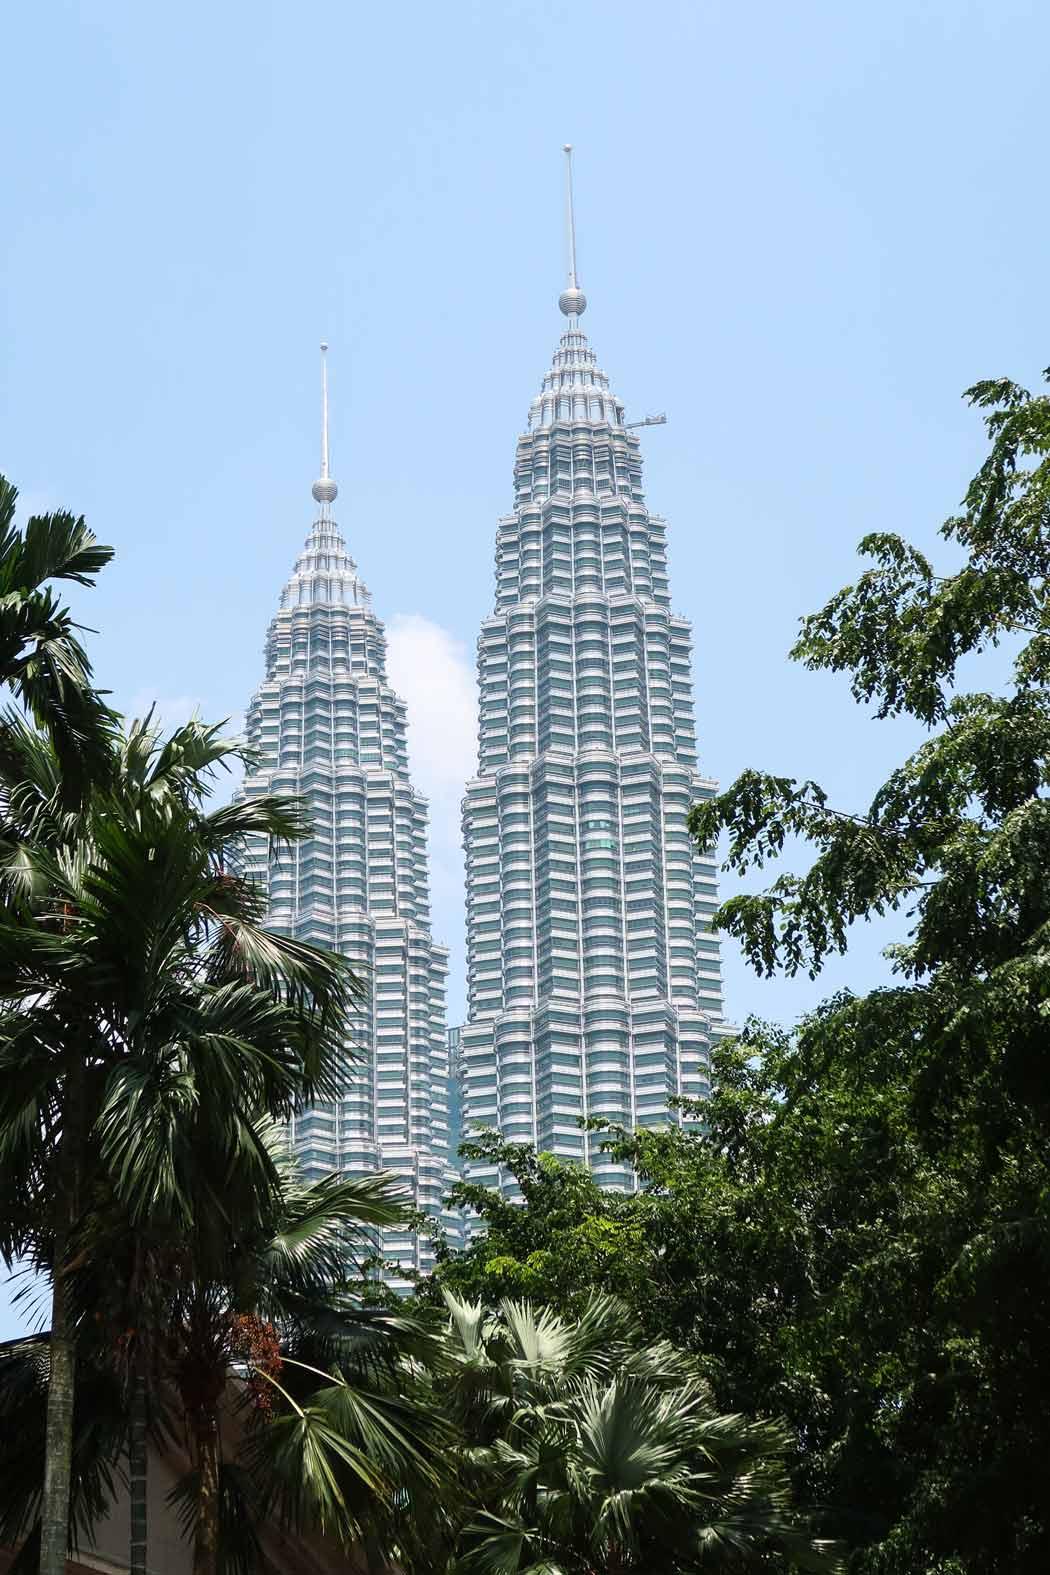 Das Wahrzeichen von Kuala Lumpur - die Petronas Towers